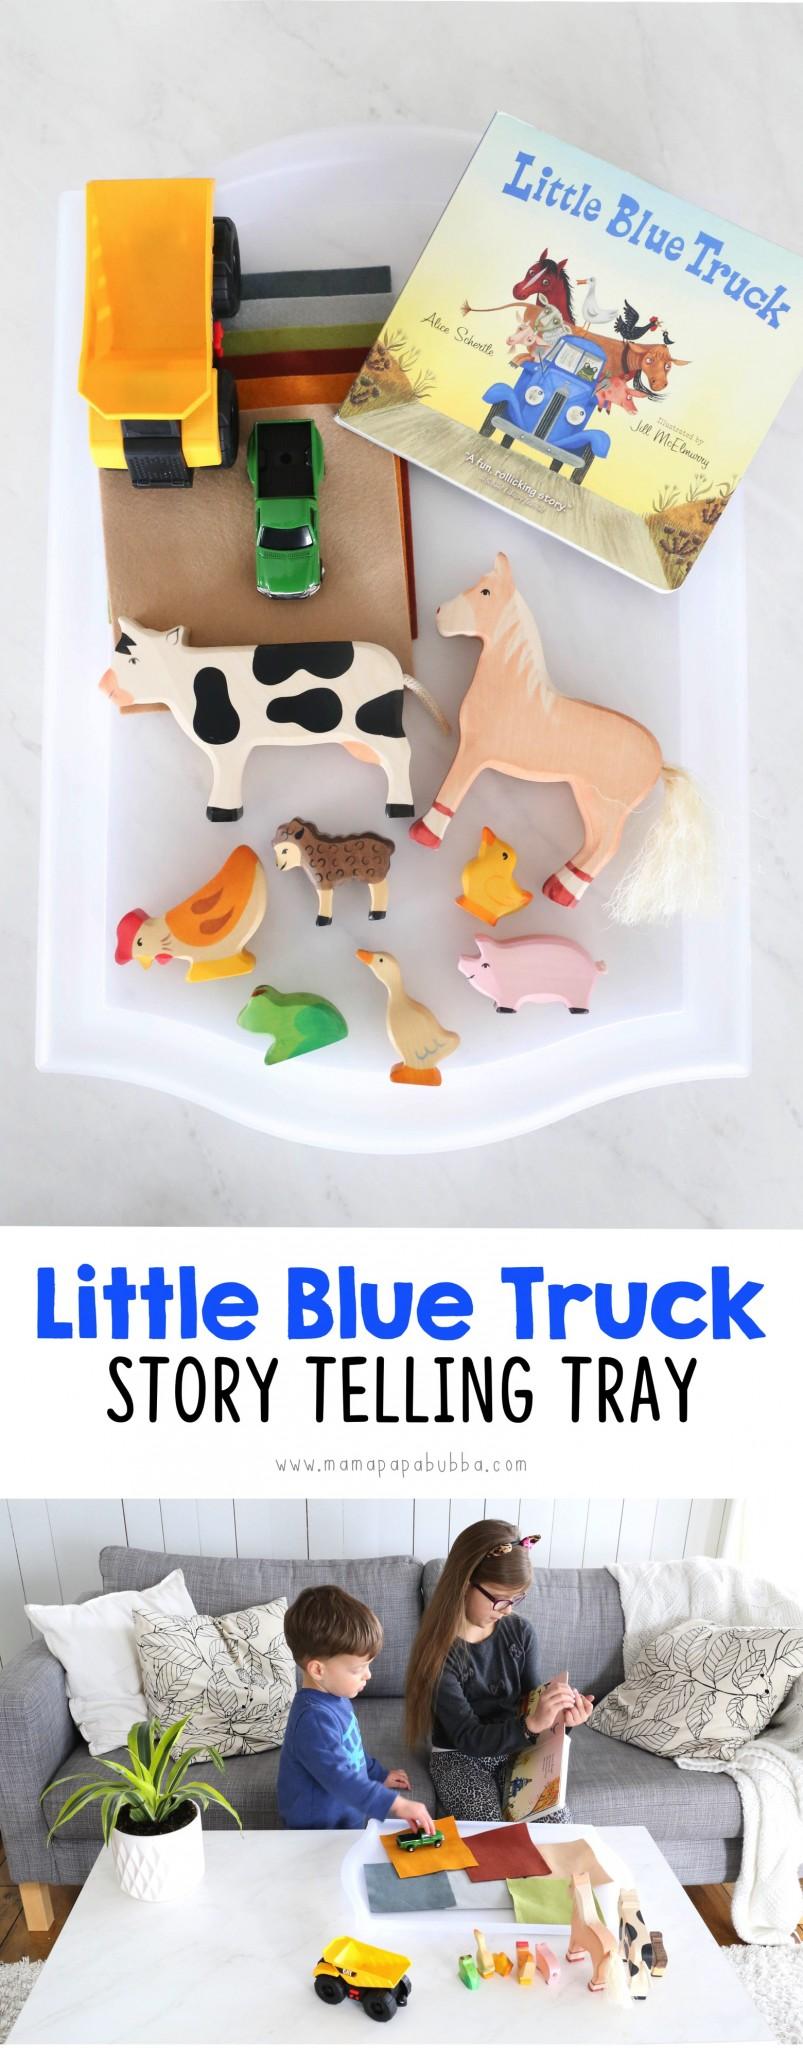 Little Blue Truck Story Telling Tray | Mama Papa Bubba